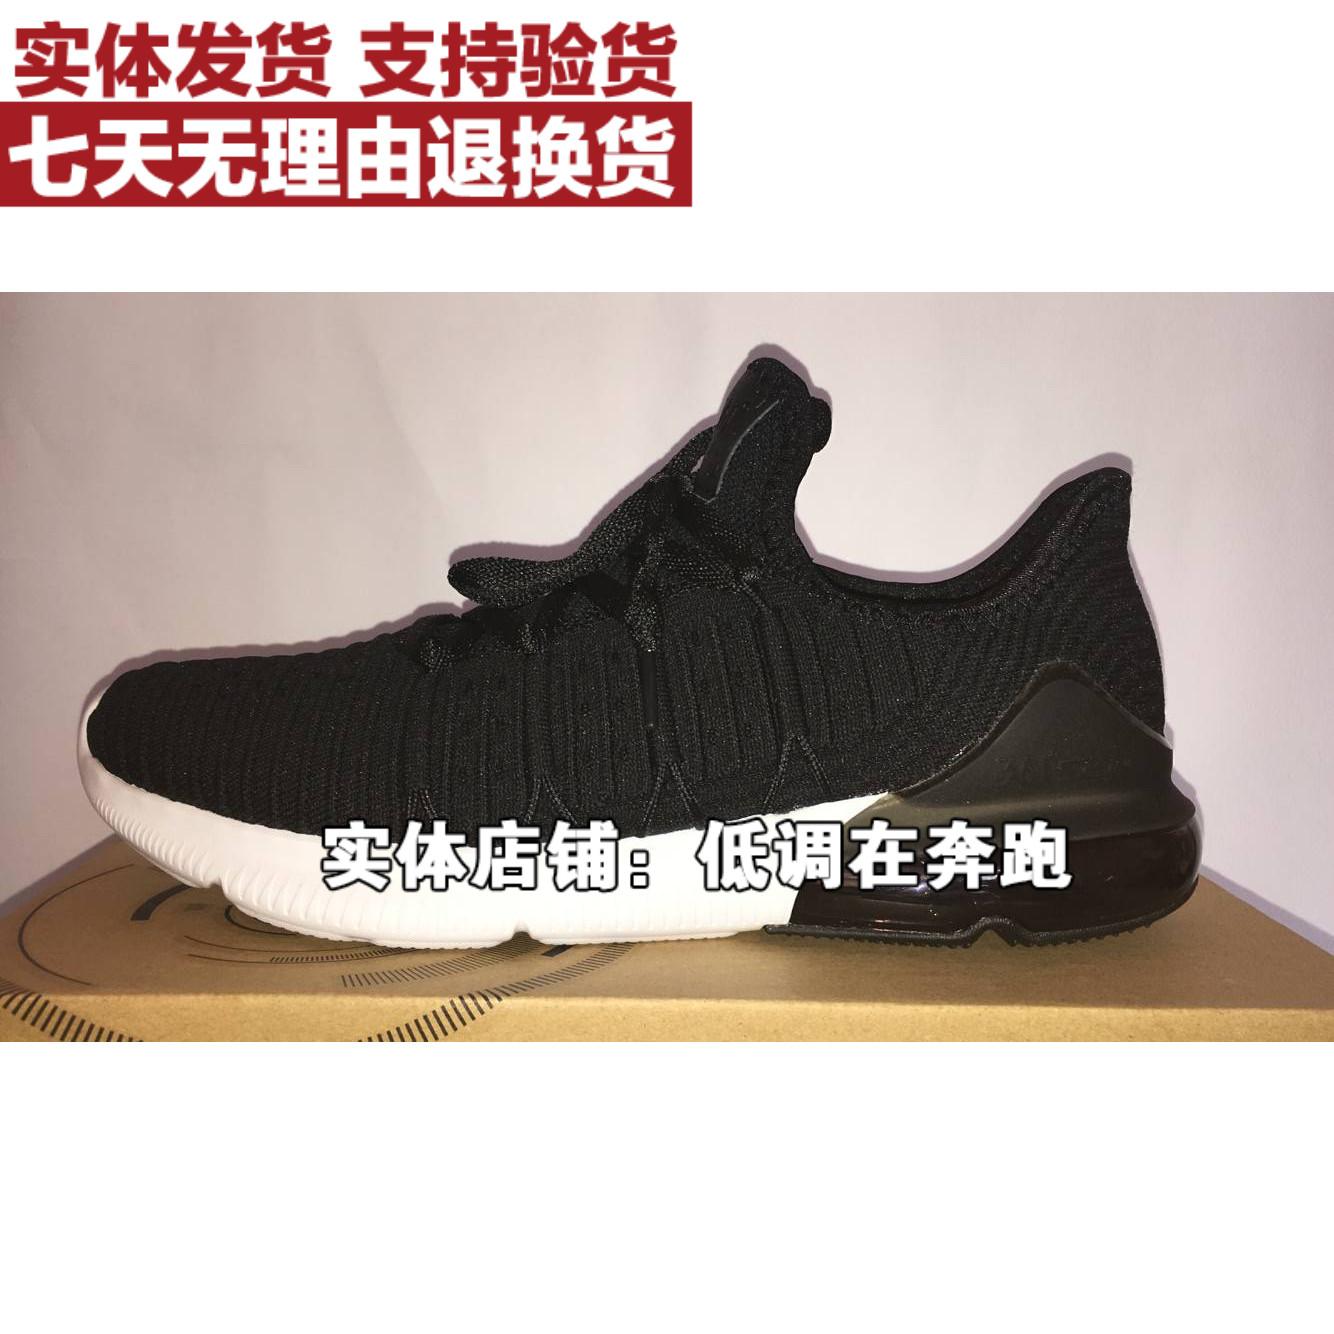 361度跑鞋跑步鞋常规秋季新款运动鞋男子新品男鞋571832228